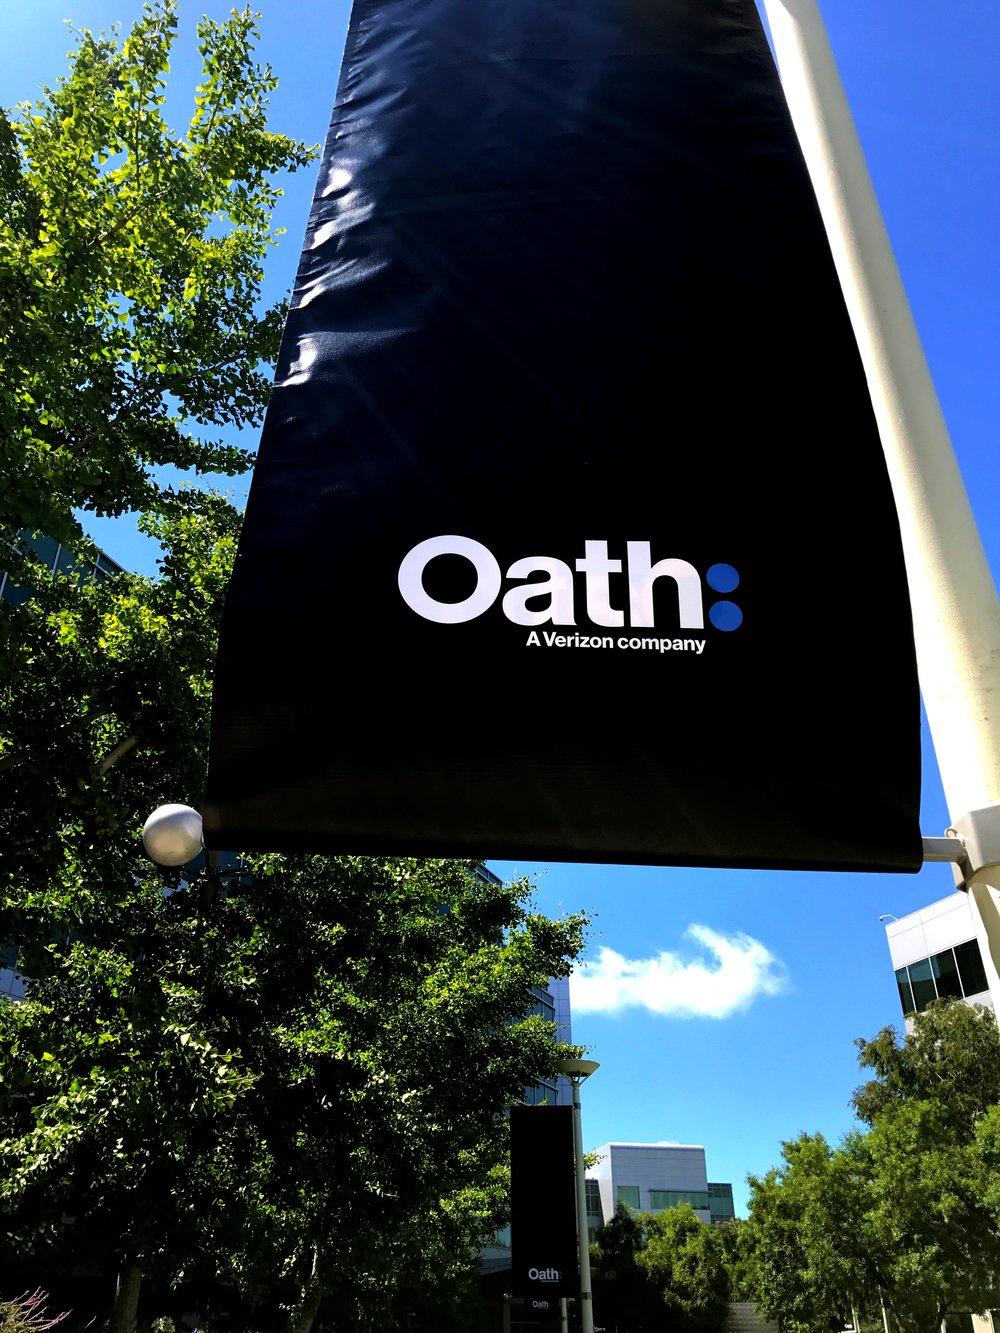 Los Gatos DJ - Oath partner 2017.jpg